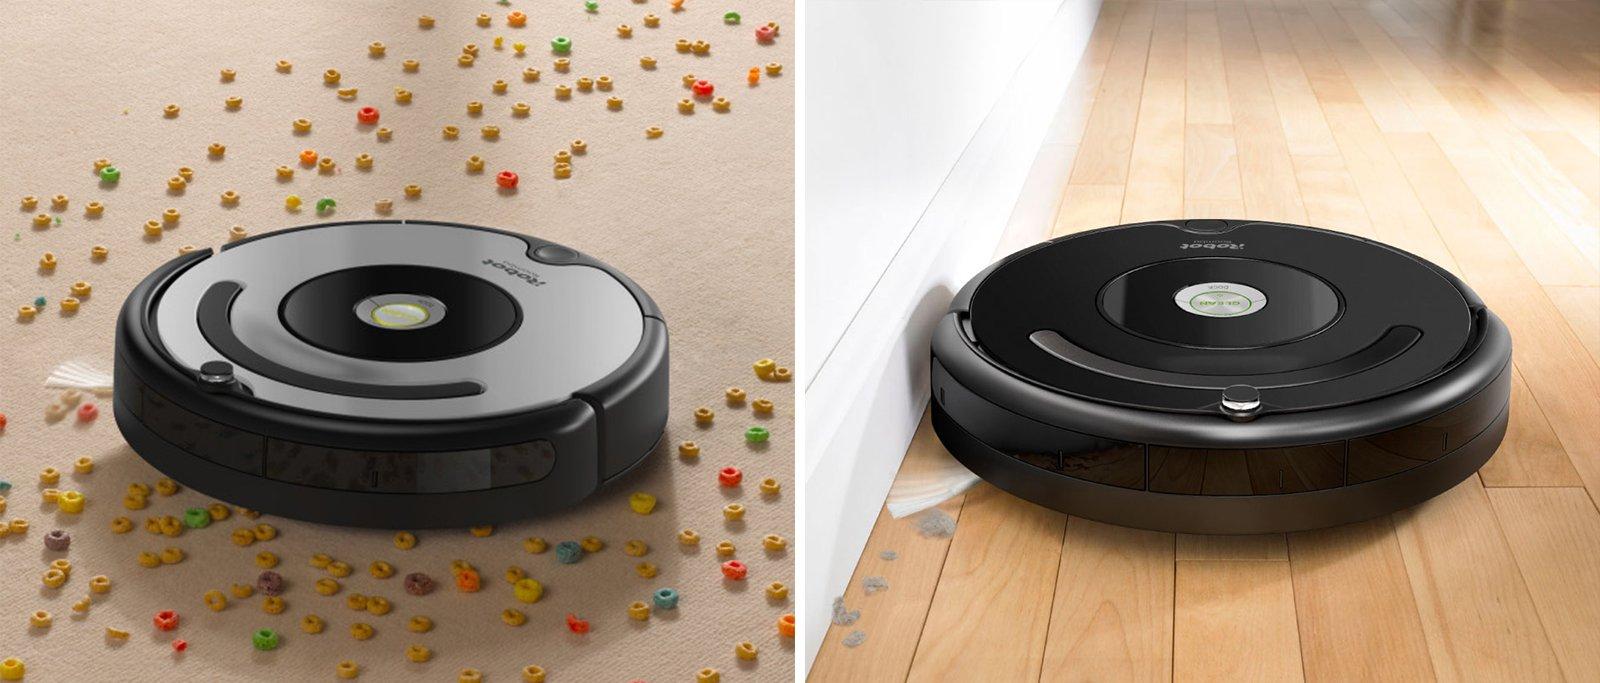 Roomba 677 vs 675 Comparison